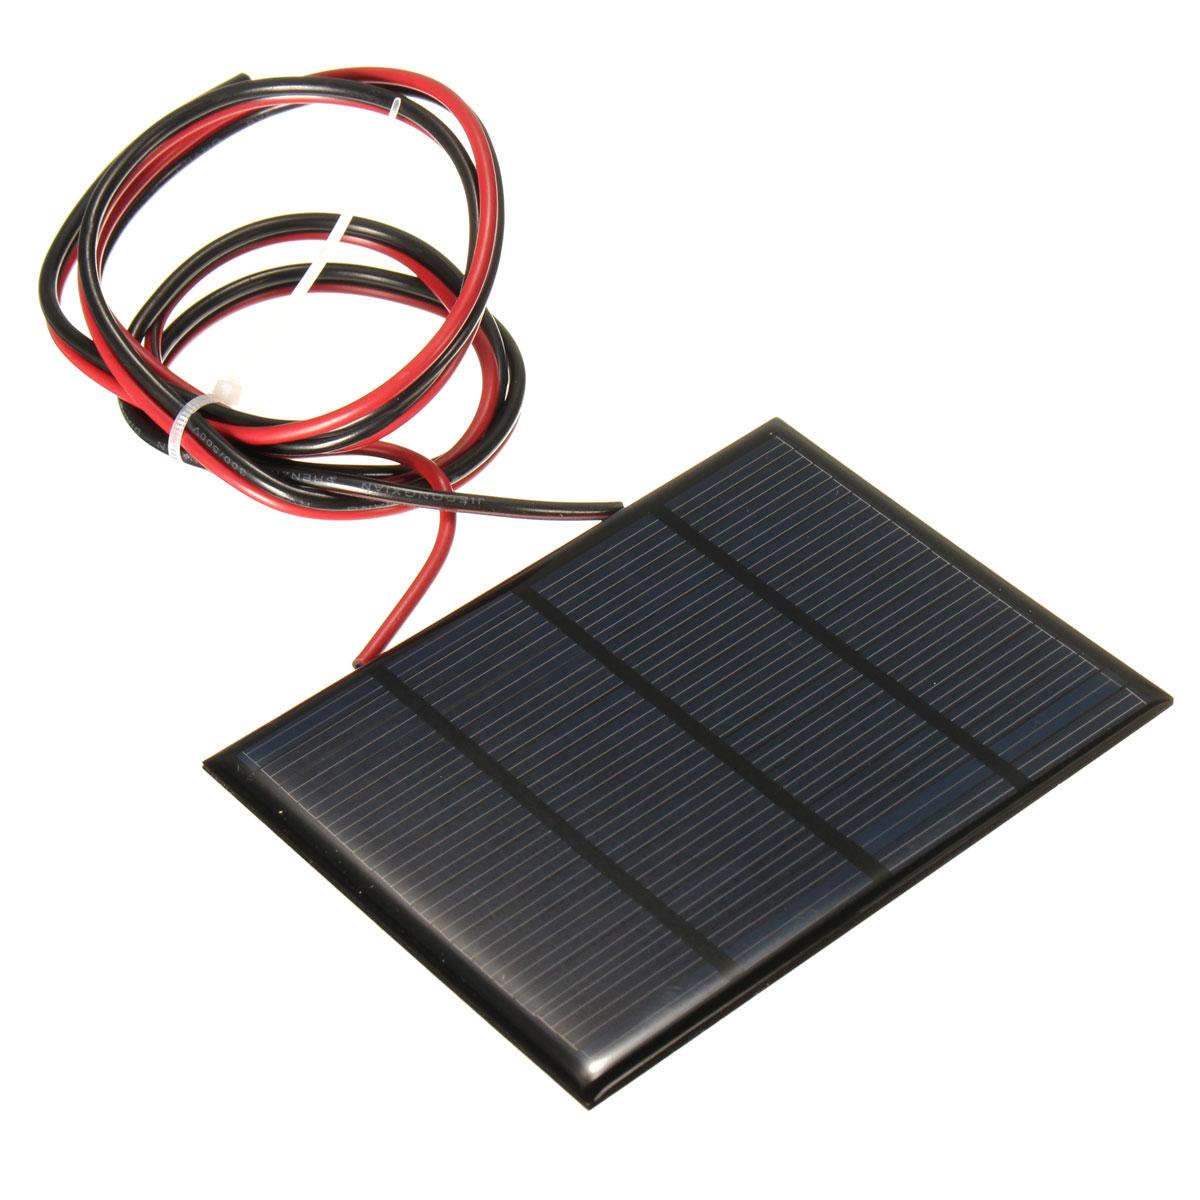 achetez en gros pv panneau solaire en ligne des grossistes pv panneau solaire chinois. Black Bedroom Furniture Sets. Home Design Ideas